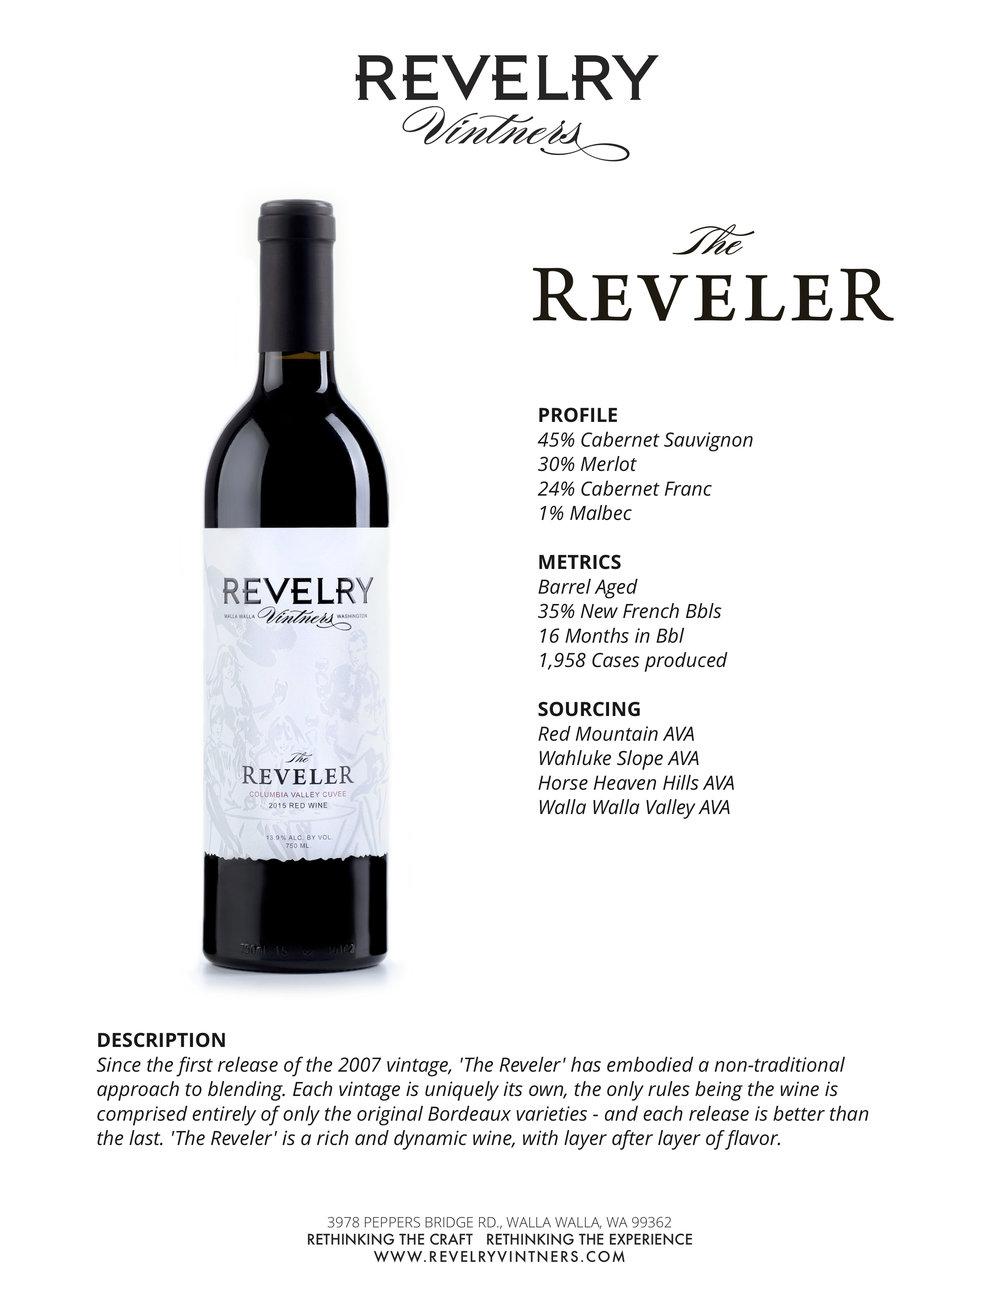 2015 THE REVELER